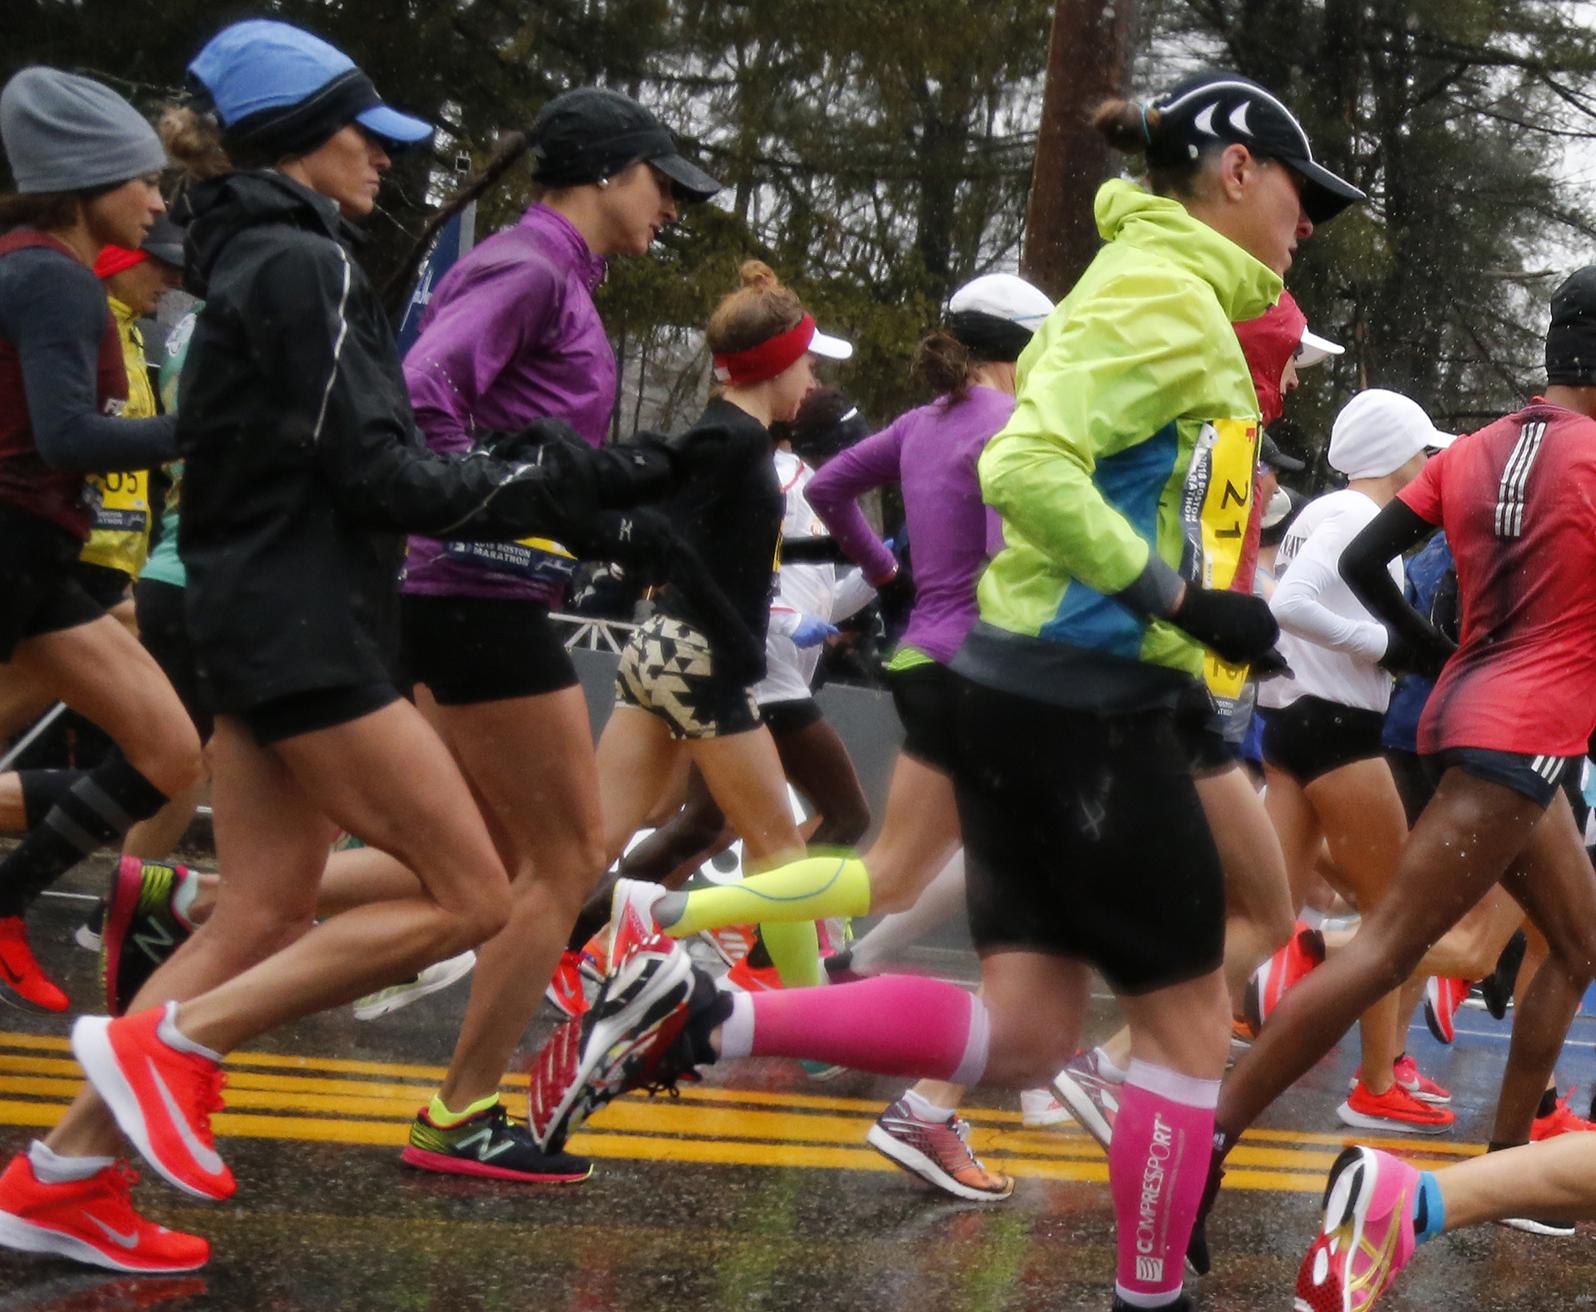 Arizona nurse stuns running world at Boston Marathon